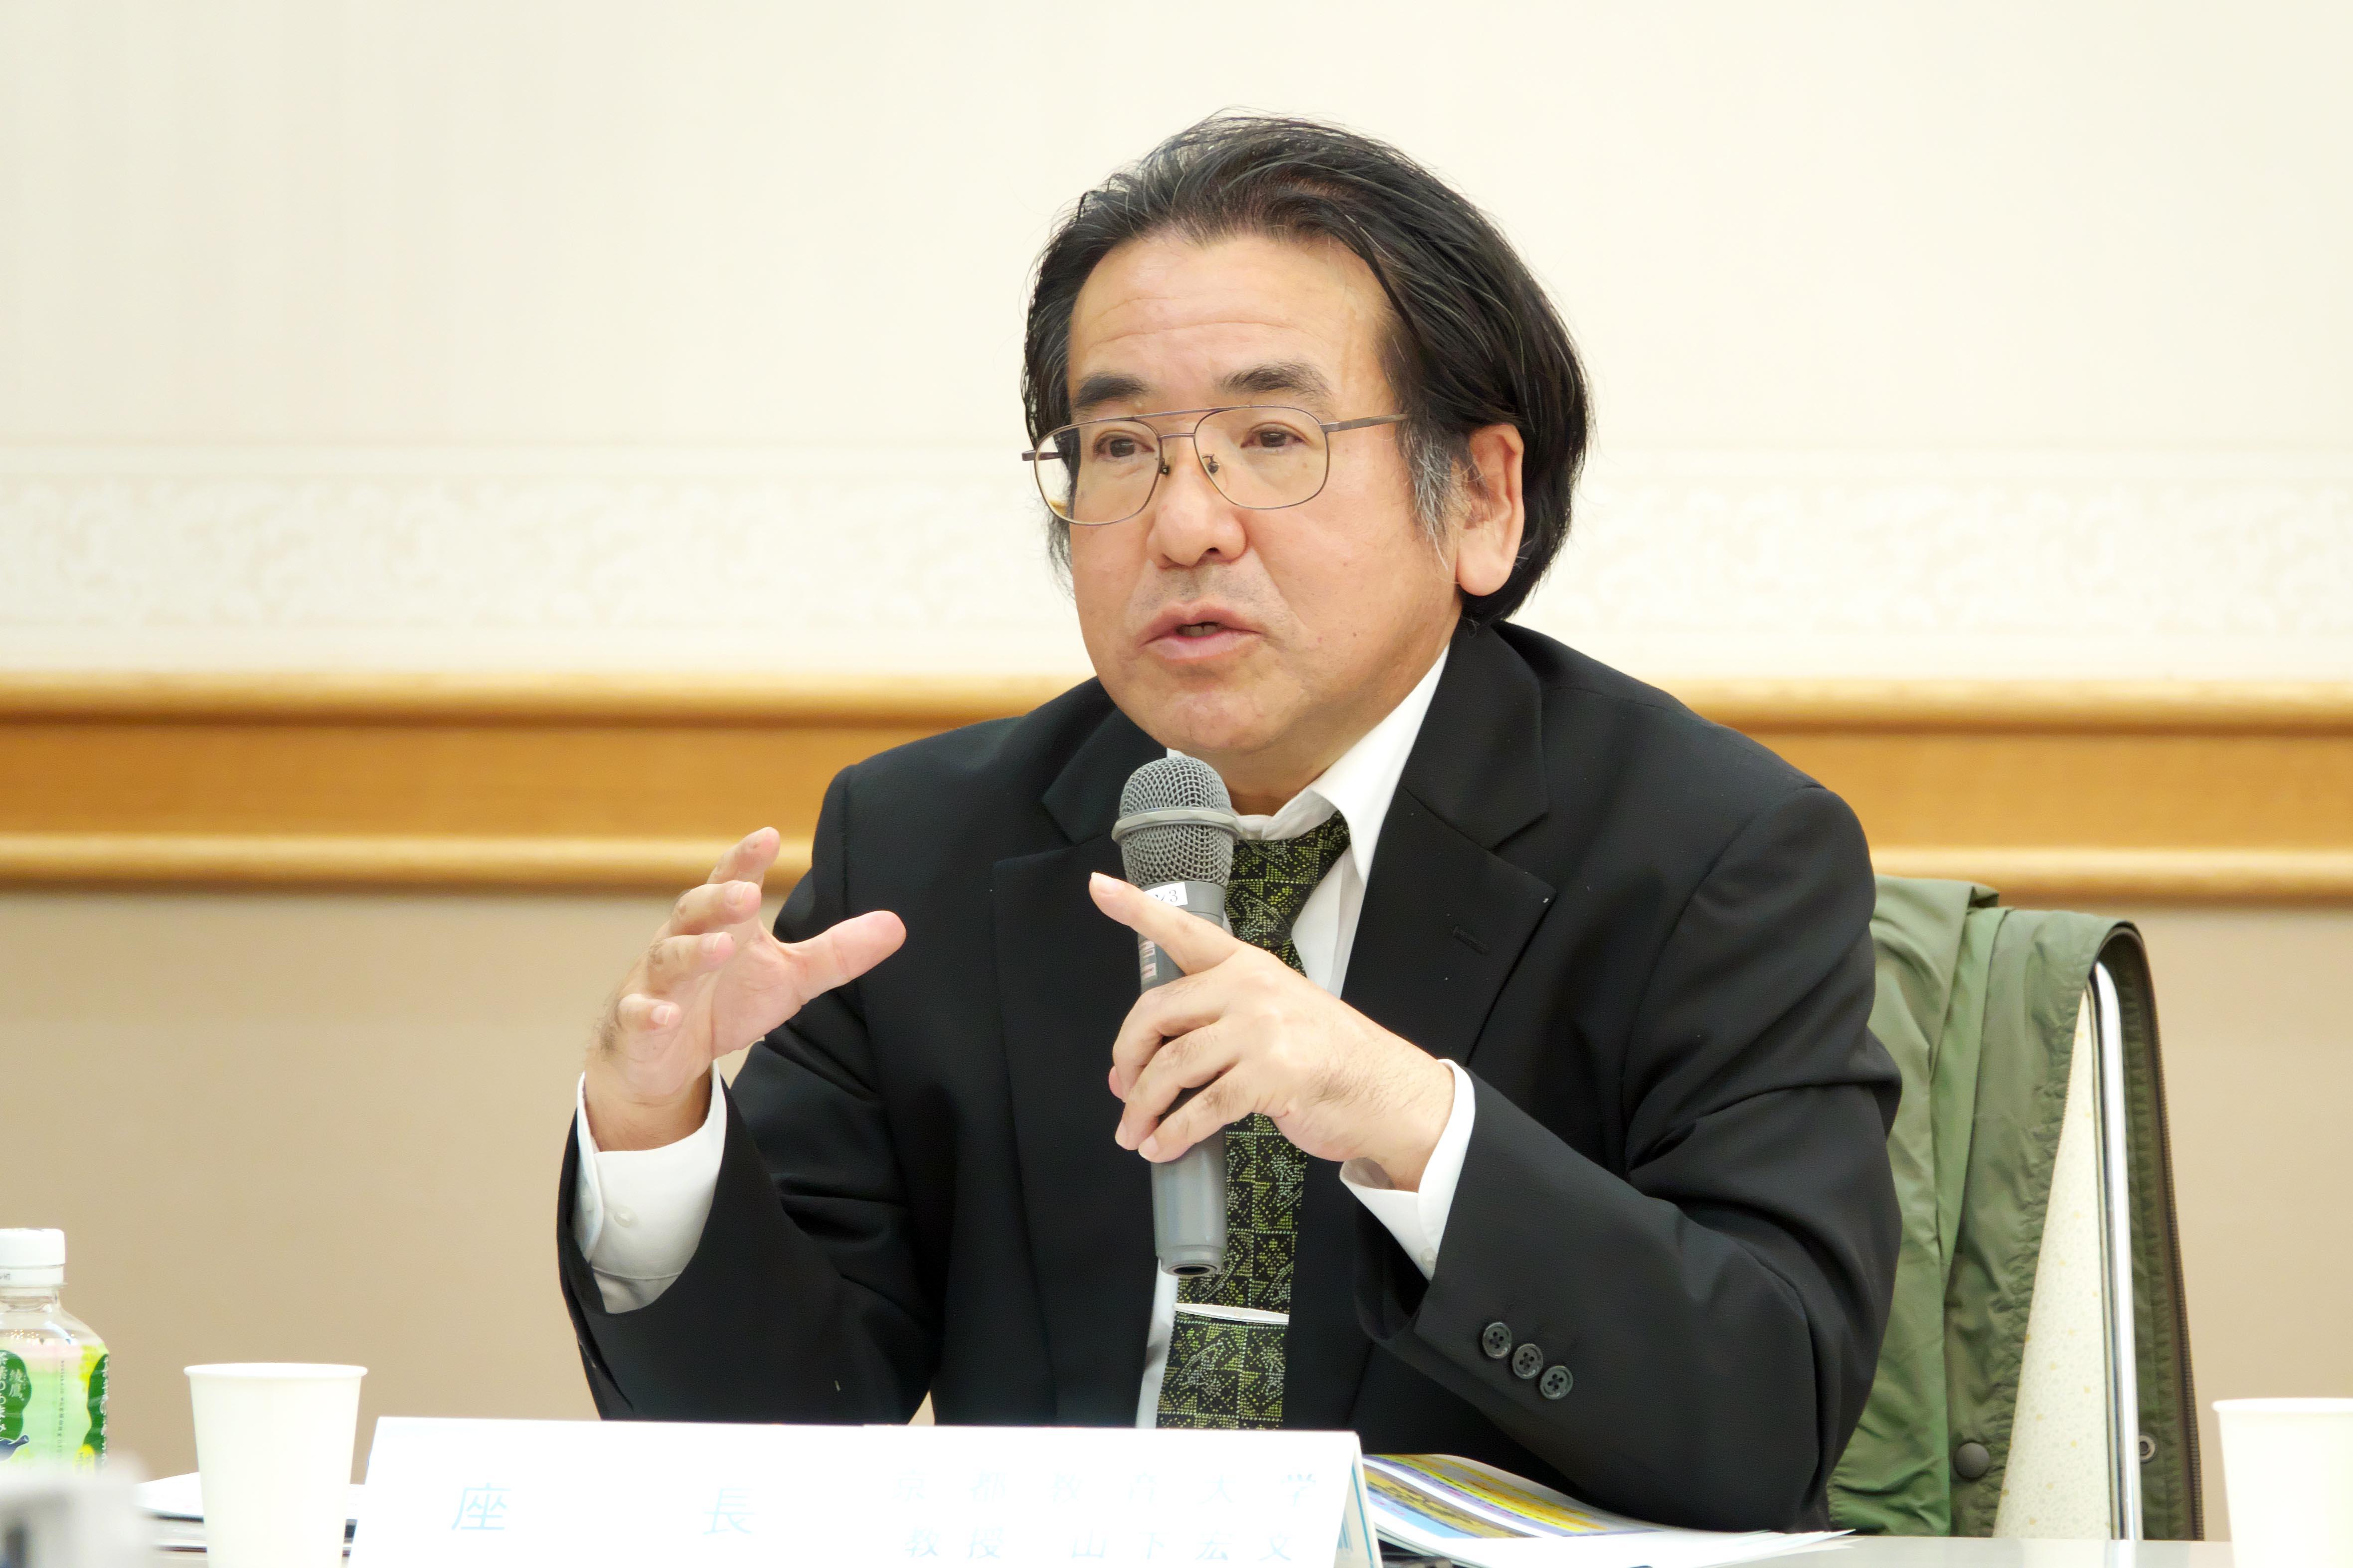 京都教育大学 教授 山下 宏文 氏